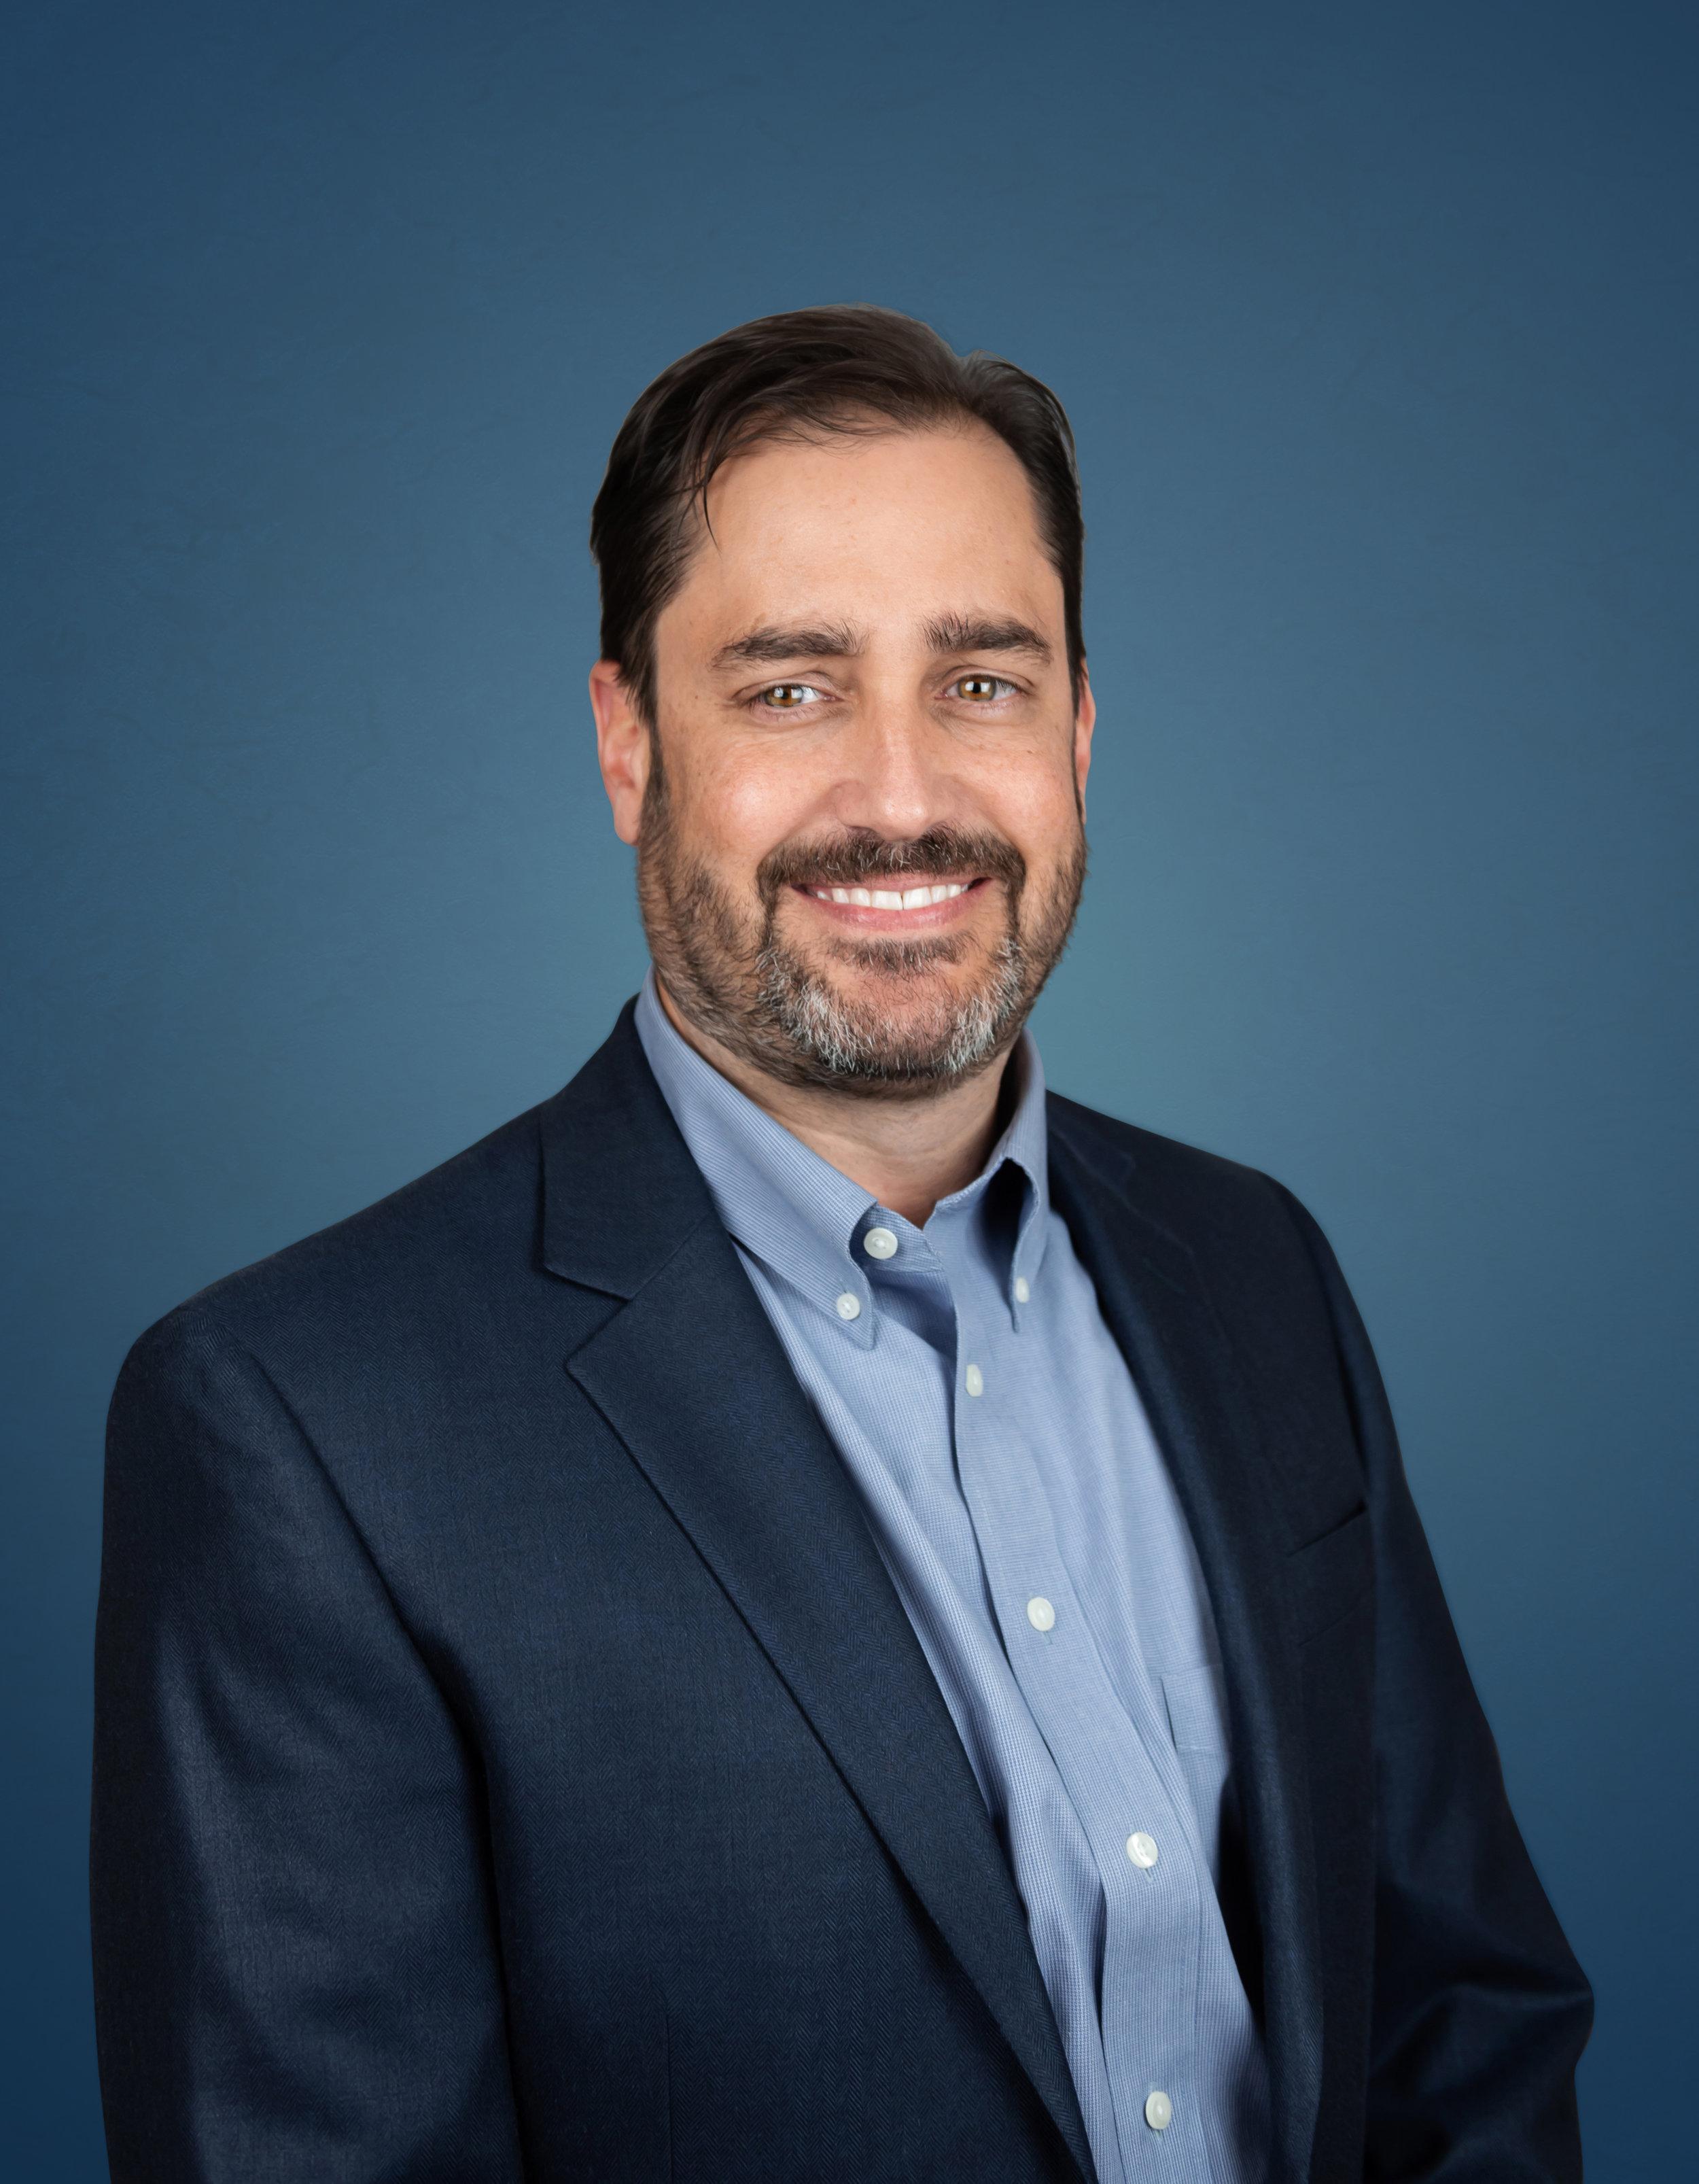 Jay Verenakis Director of IT Berg Pipe Group